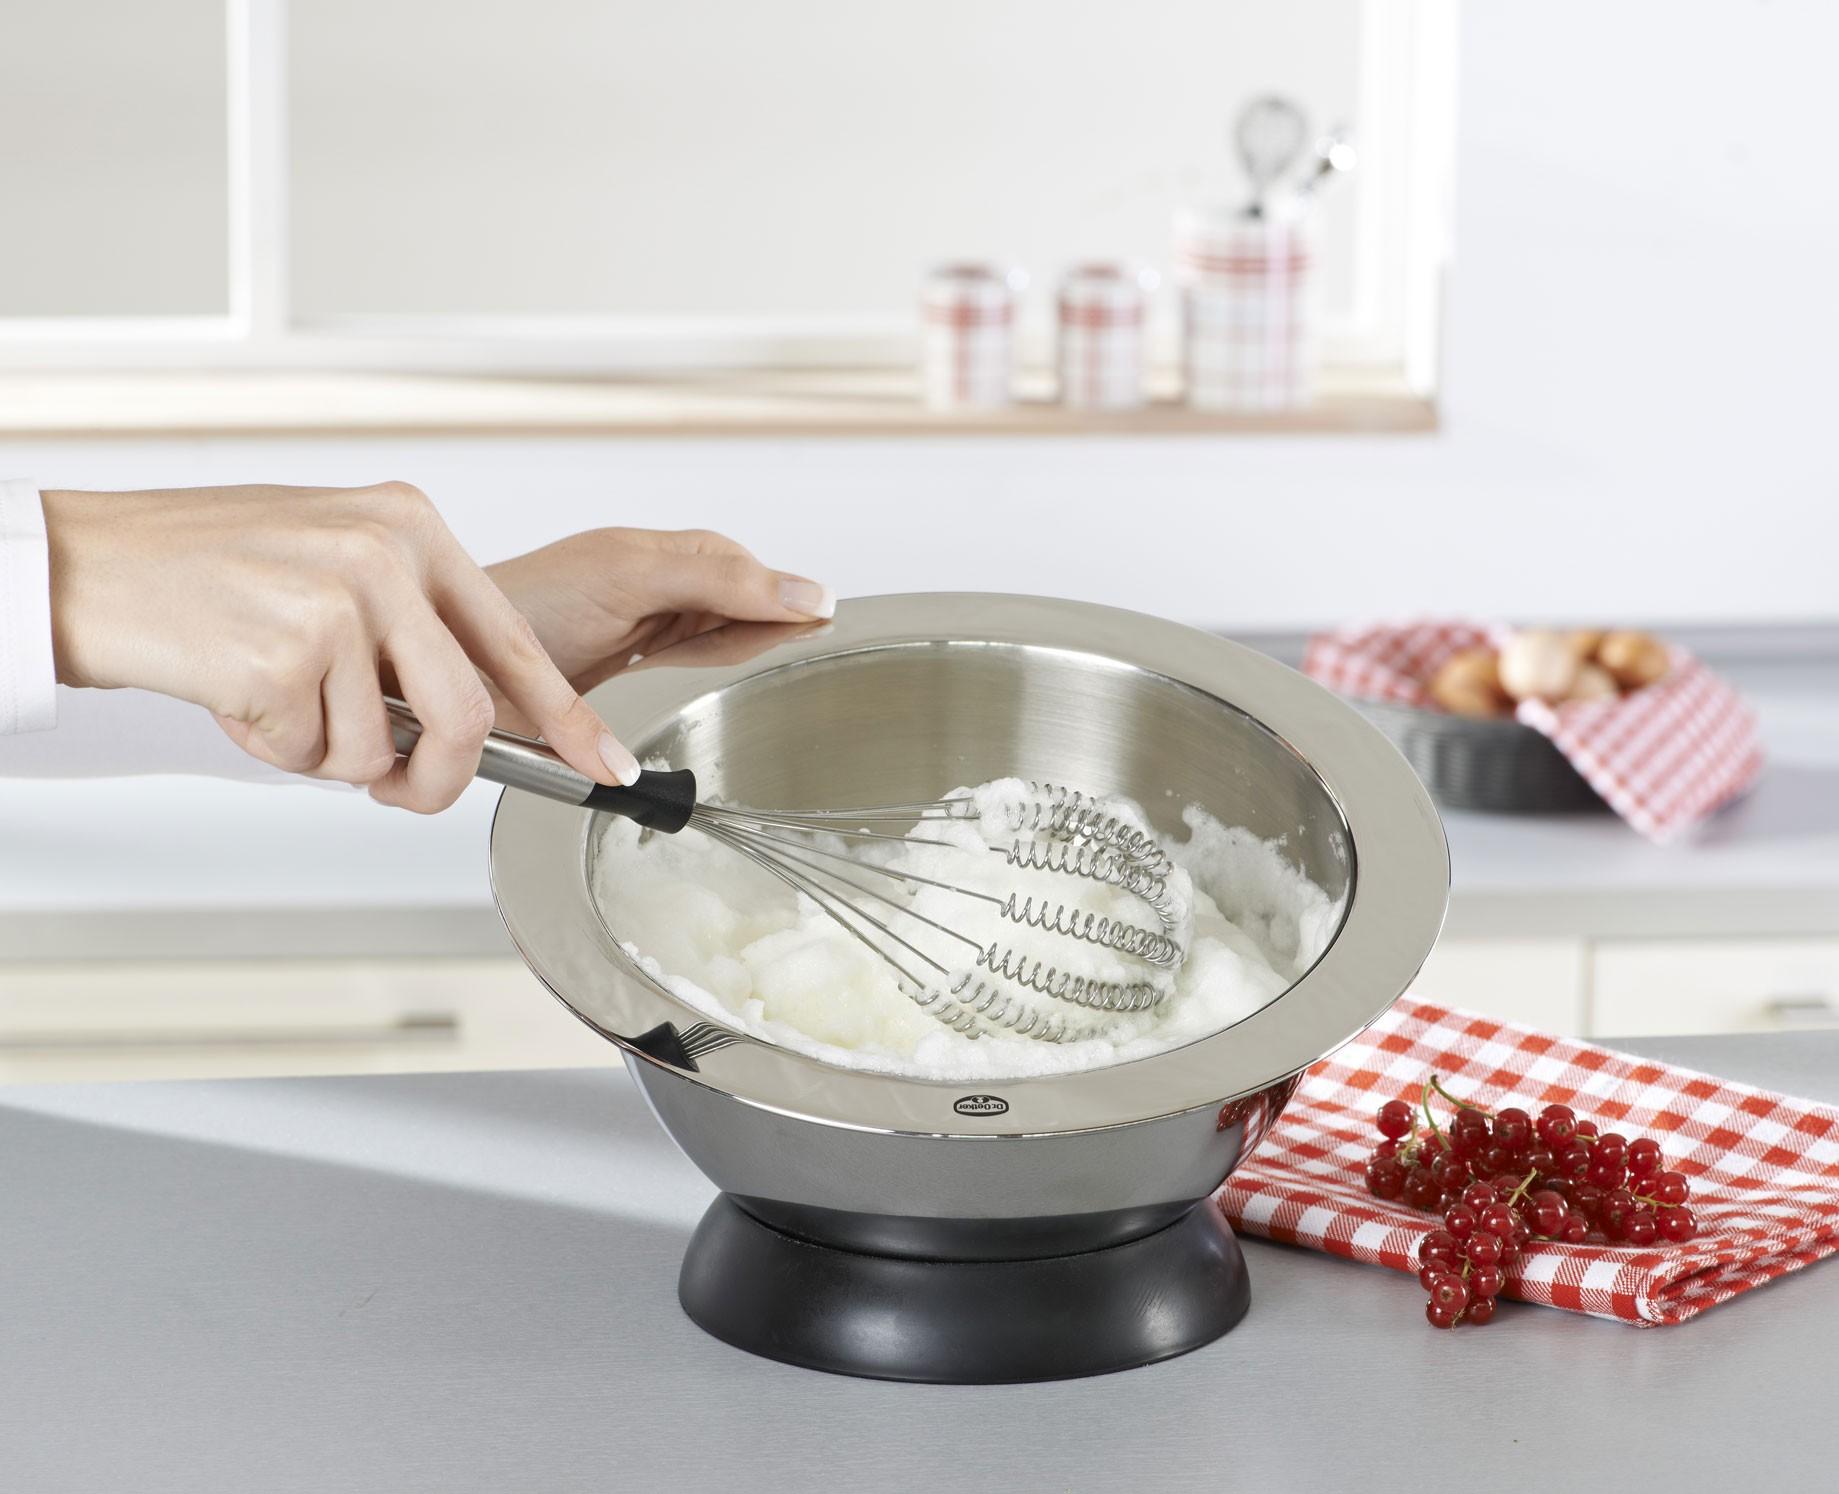 αυγοδάρτης σπειροειδής inox leifheit proline 28cm home   εργαλεια κουζινας   εργαλεία μαγειρικής